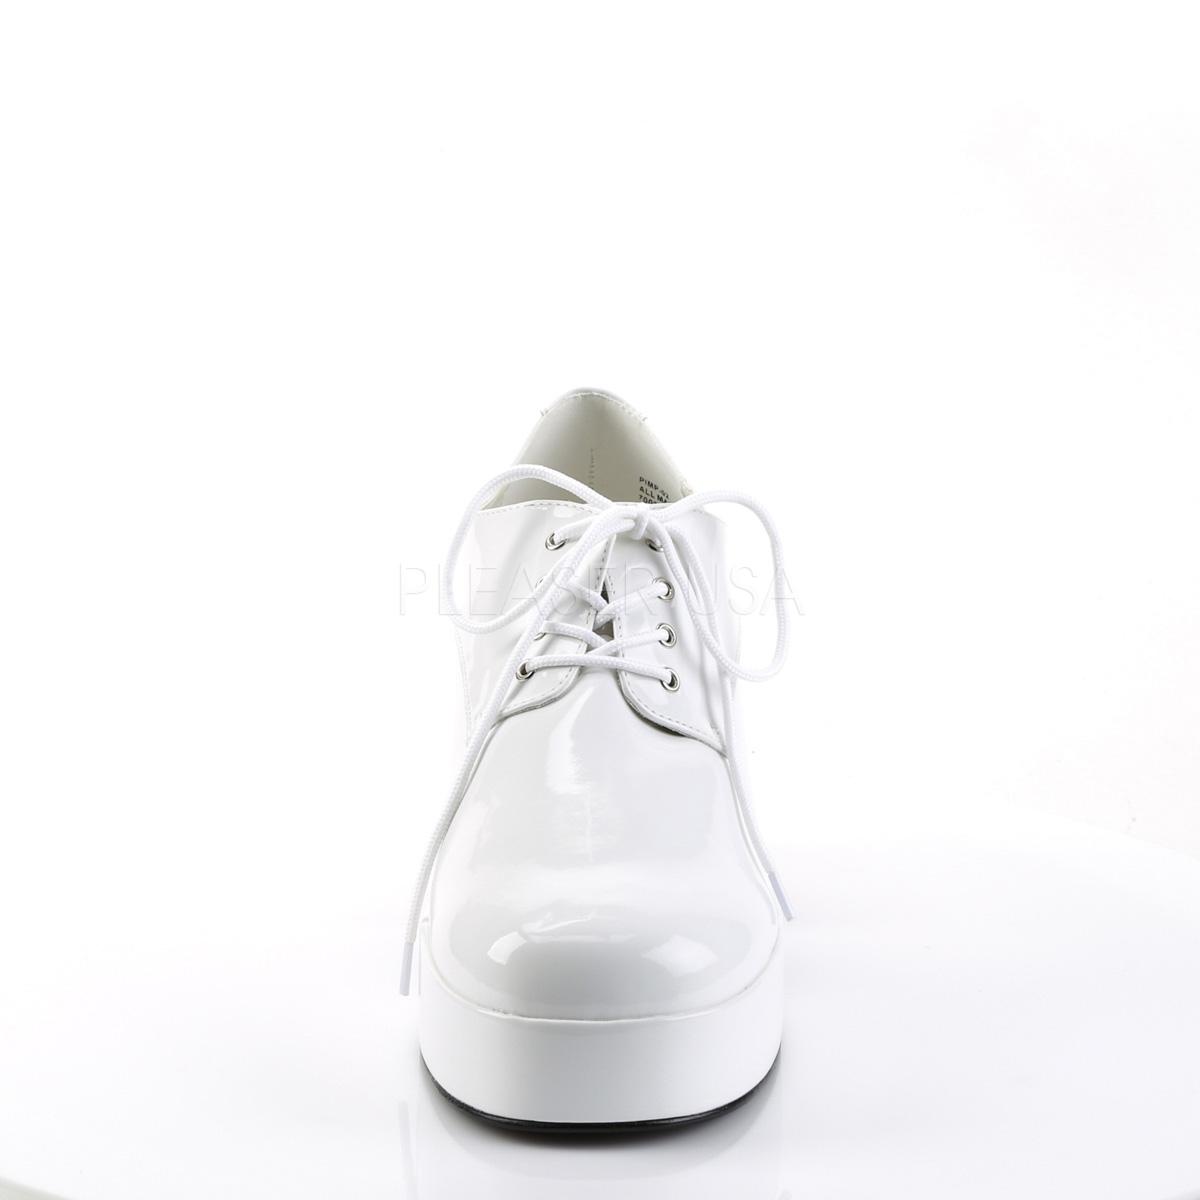 Funtasma PIMP-02 3 1/2inch Heel, 1 1/2inch PF #Men's Disco Platform w/Floating Fish◆取り寄せ